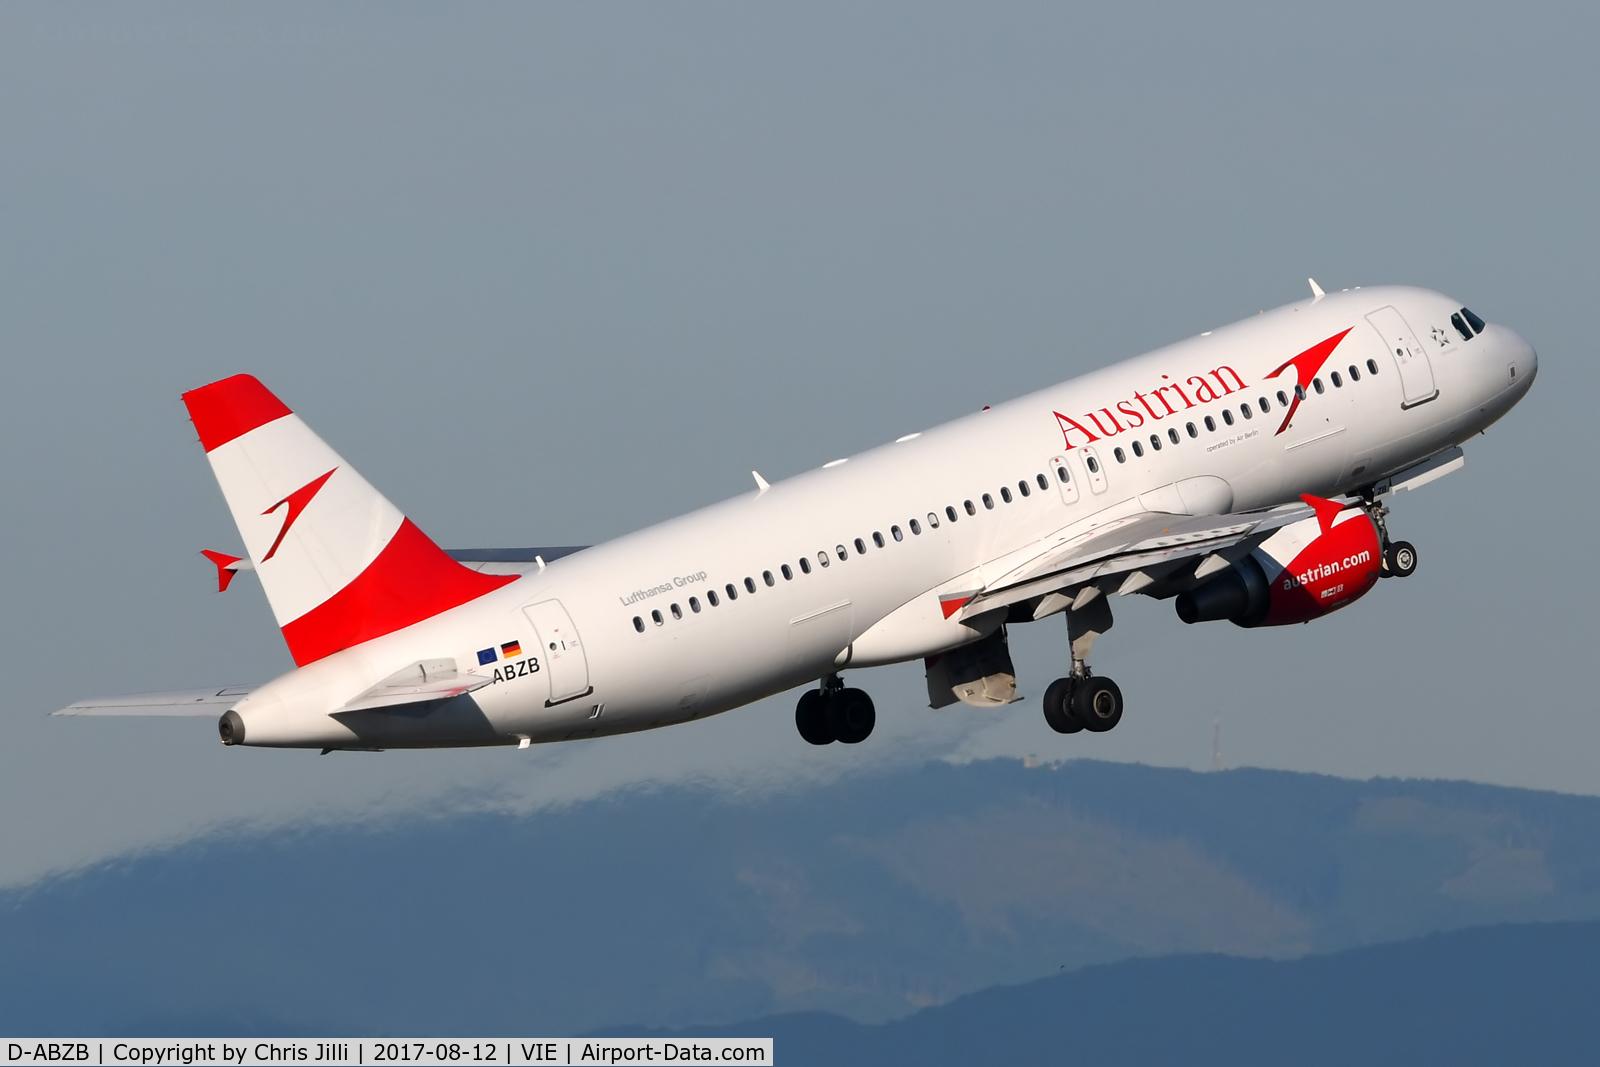 D-ABZB, 2008 Airbus A320-216 C/N 3515, Austrian Airlines